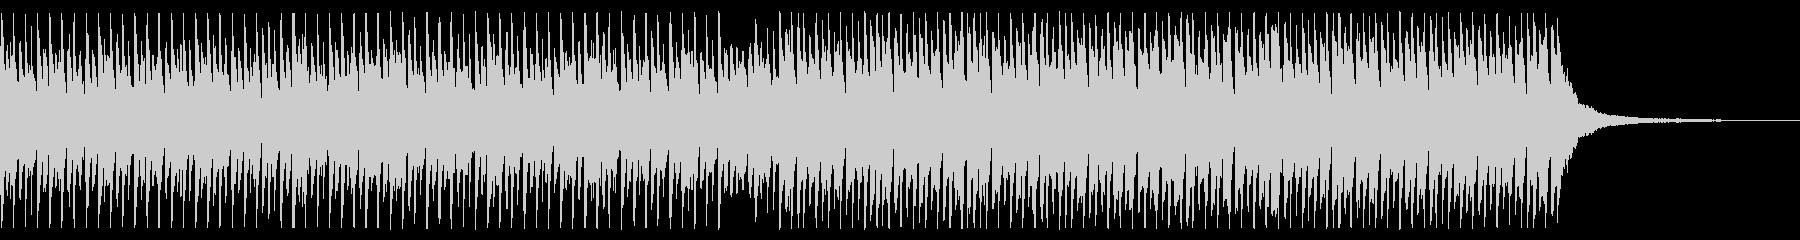 ショートver 青空 ポジティブ ピアノの未再生の波形